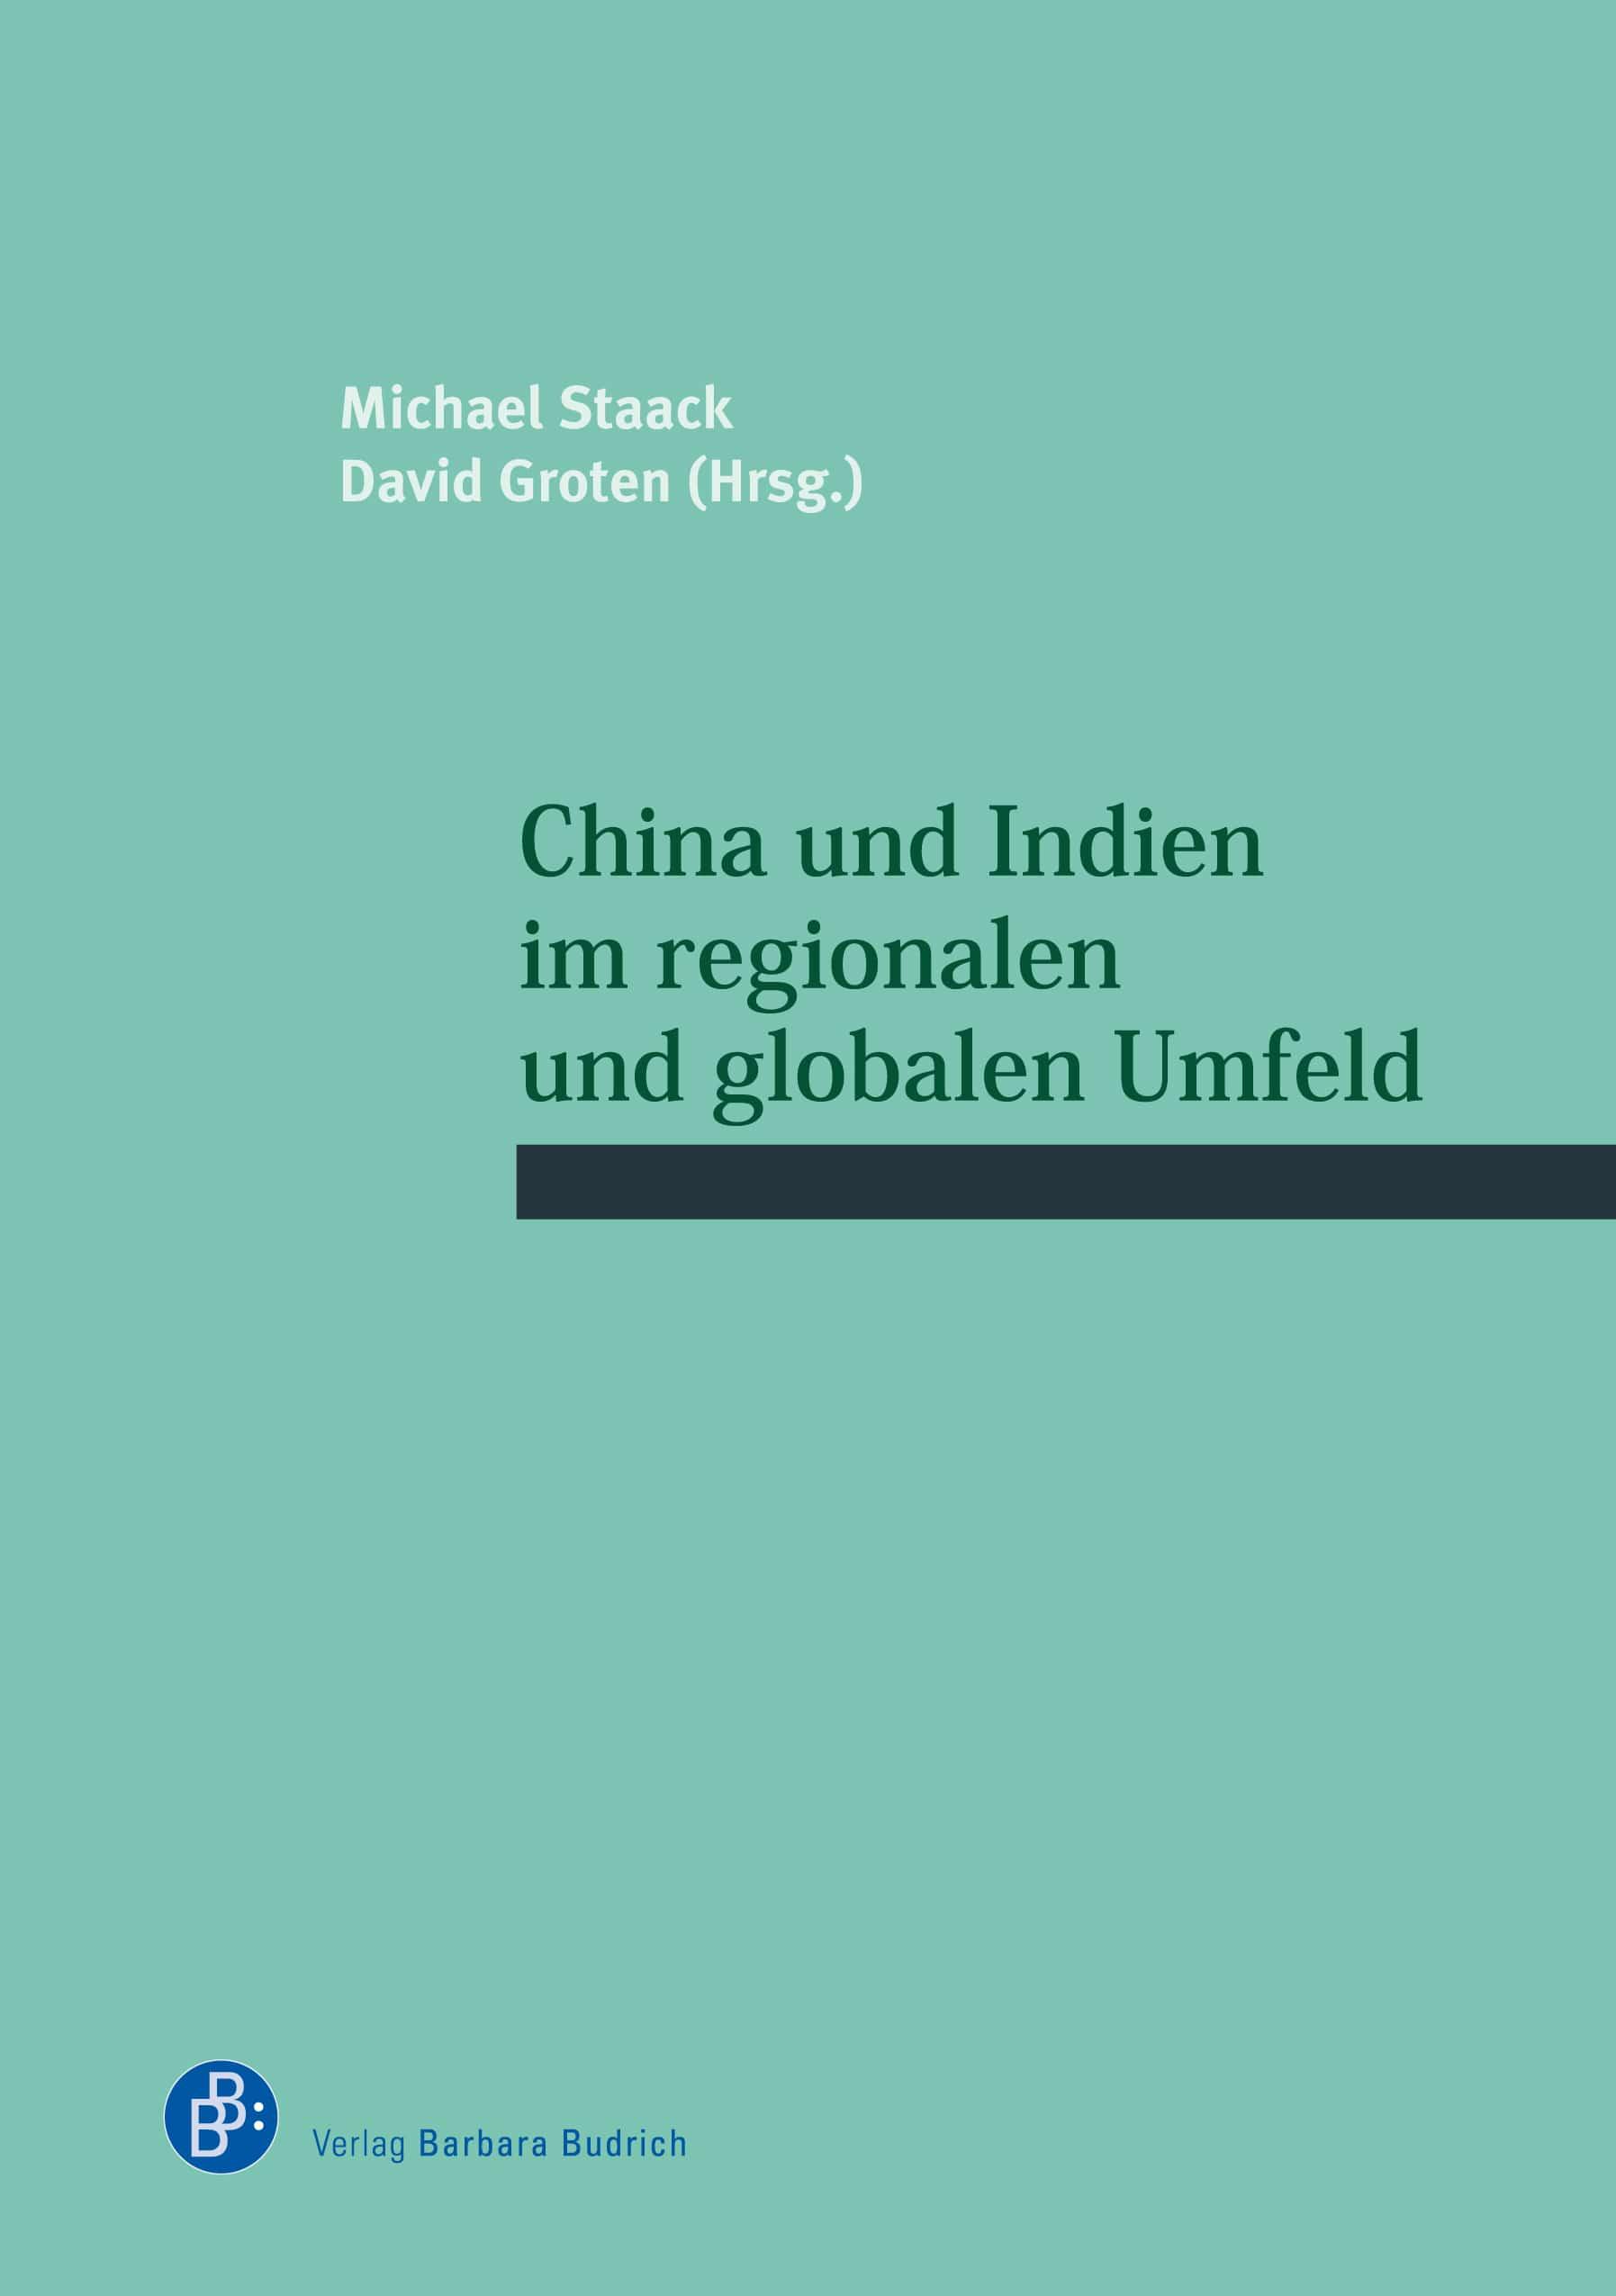 China und Indien im regionalen und globalen Umfeld